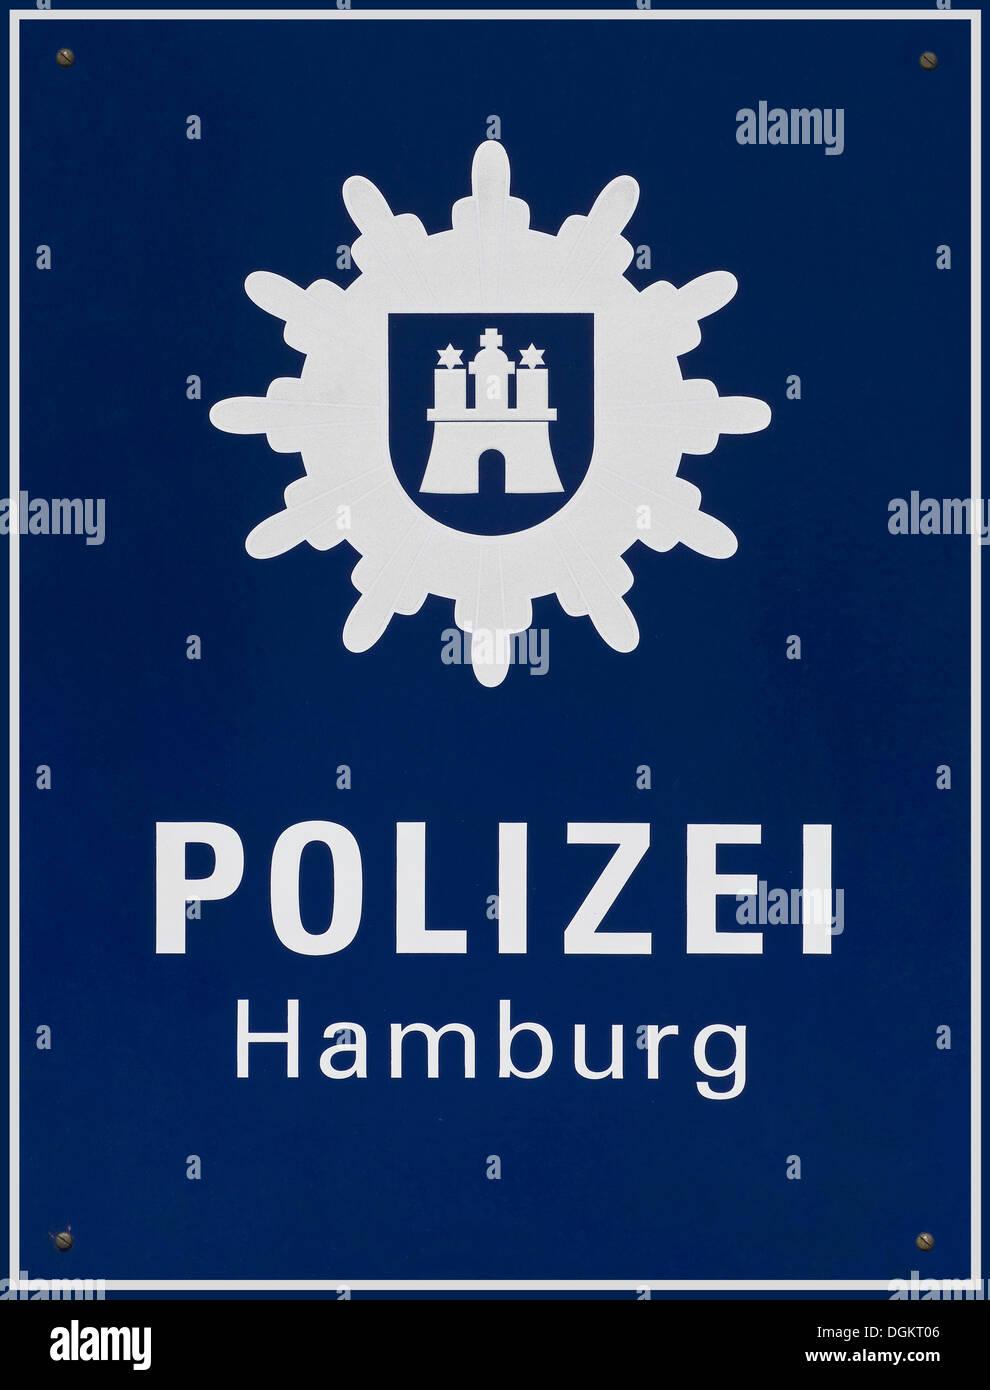 Sign, Polizei Hamburg, Hamburg Police, with emblem - Stock Image